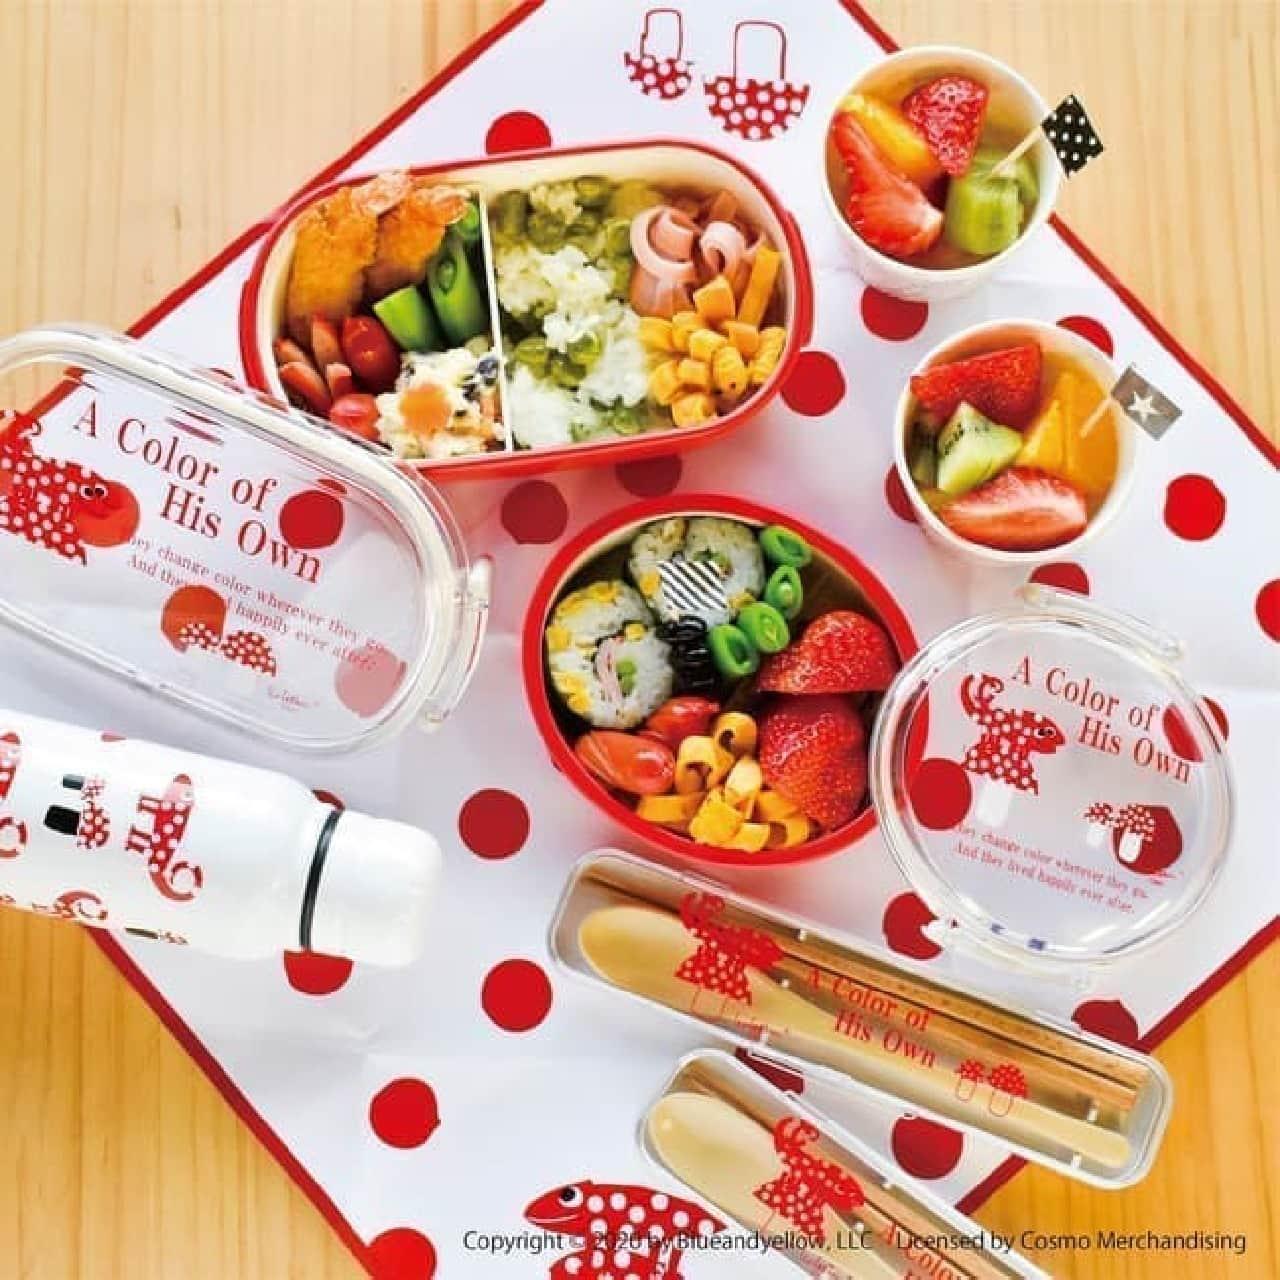 レオ・レオニの食器がヴィレヴァンに登場! -- 可愛くて便利なプレートやランチボックスなど